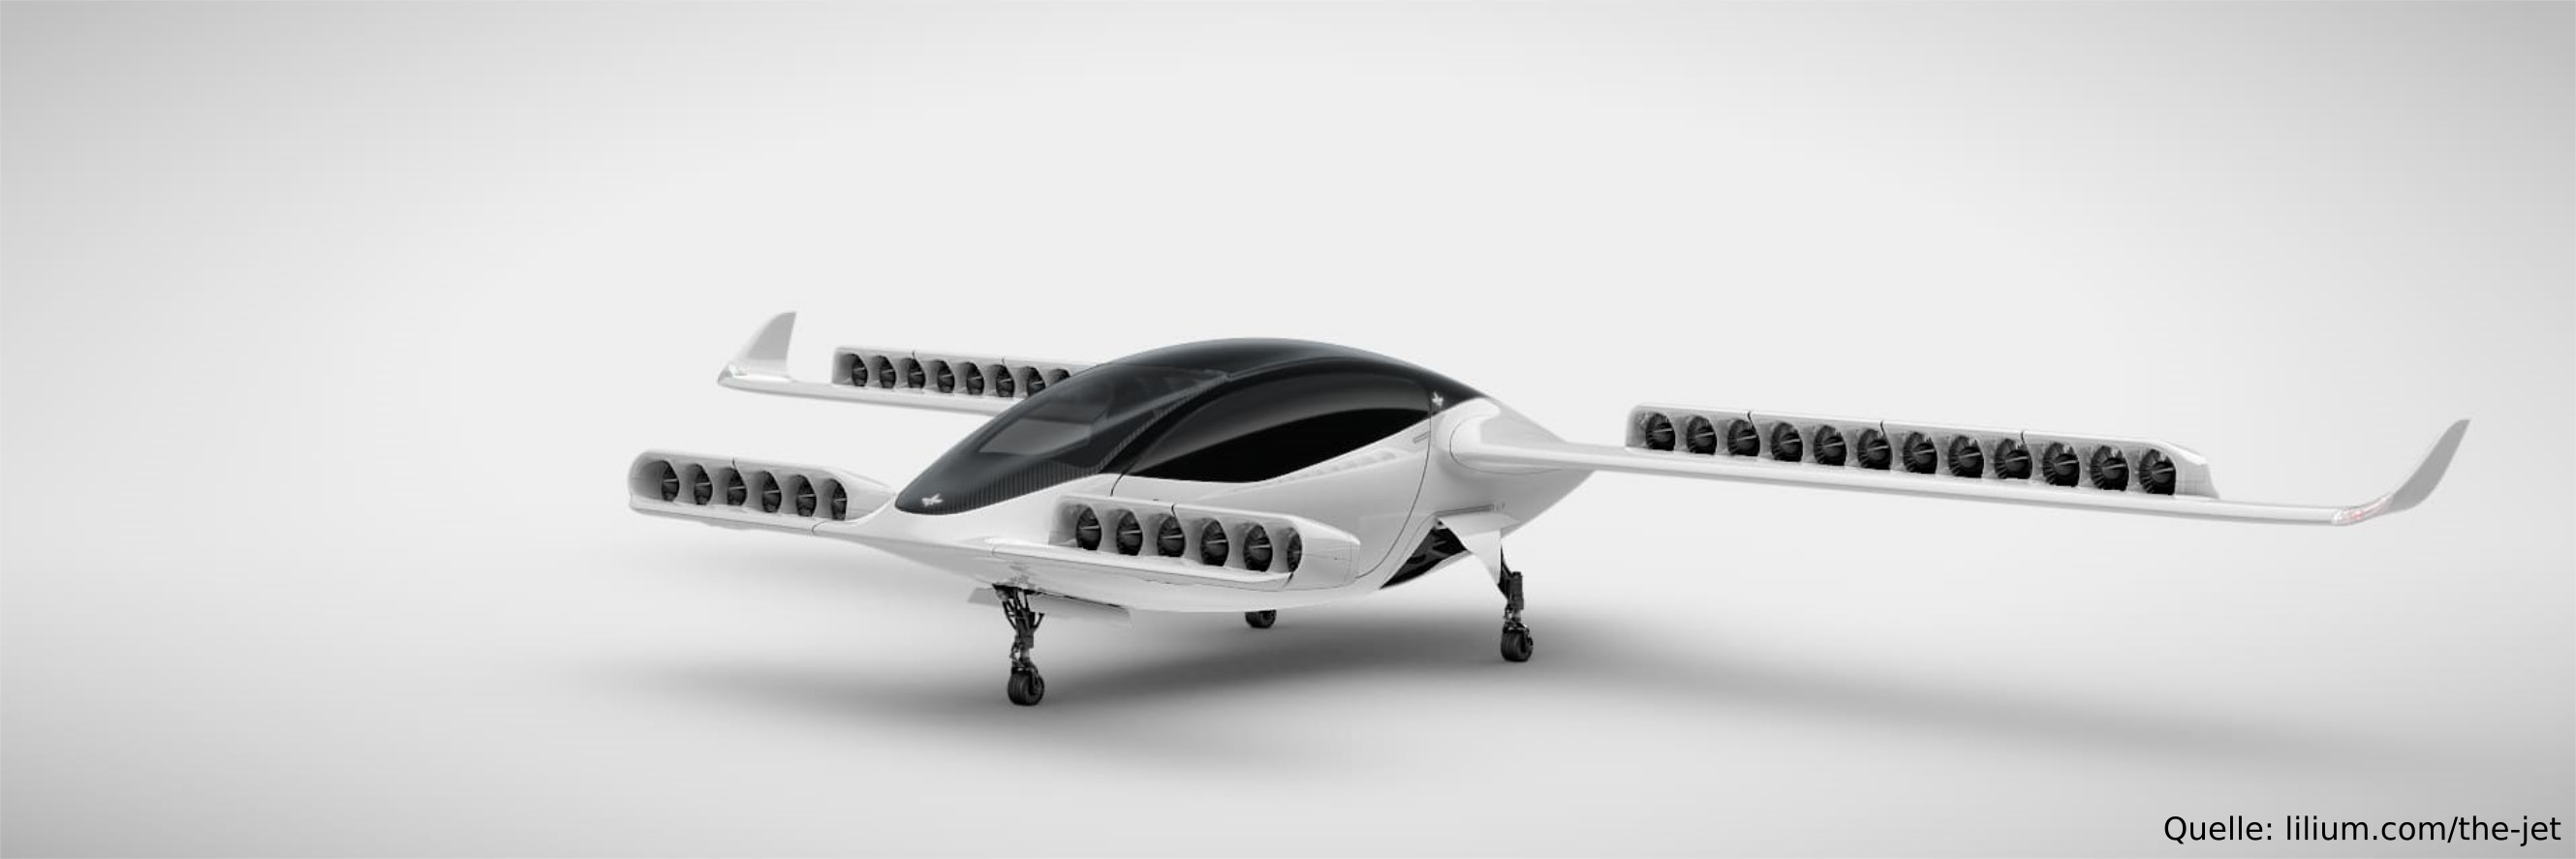 Flugtaxis sind die Zukunft - oder nicht?